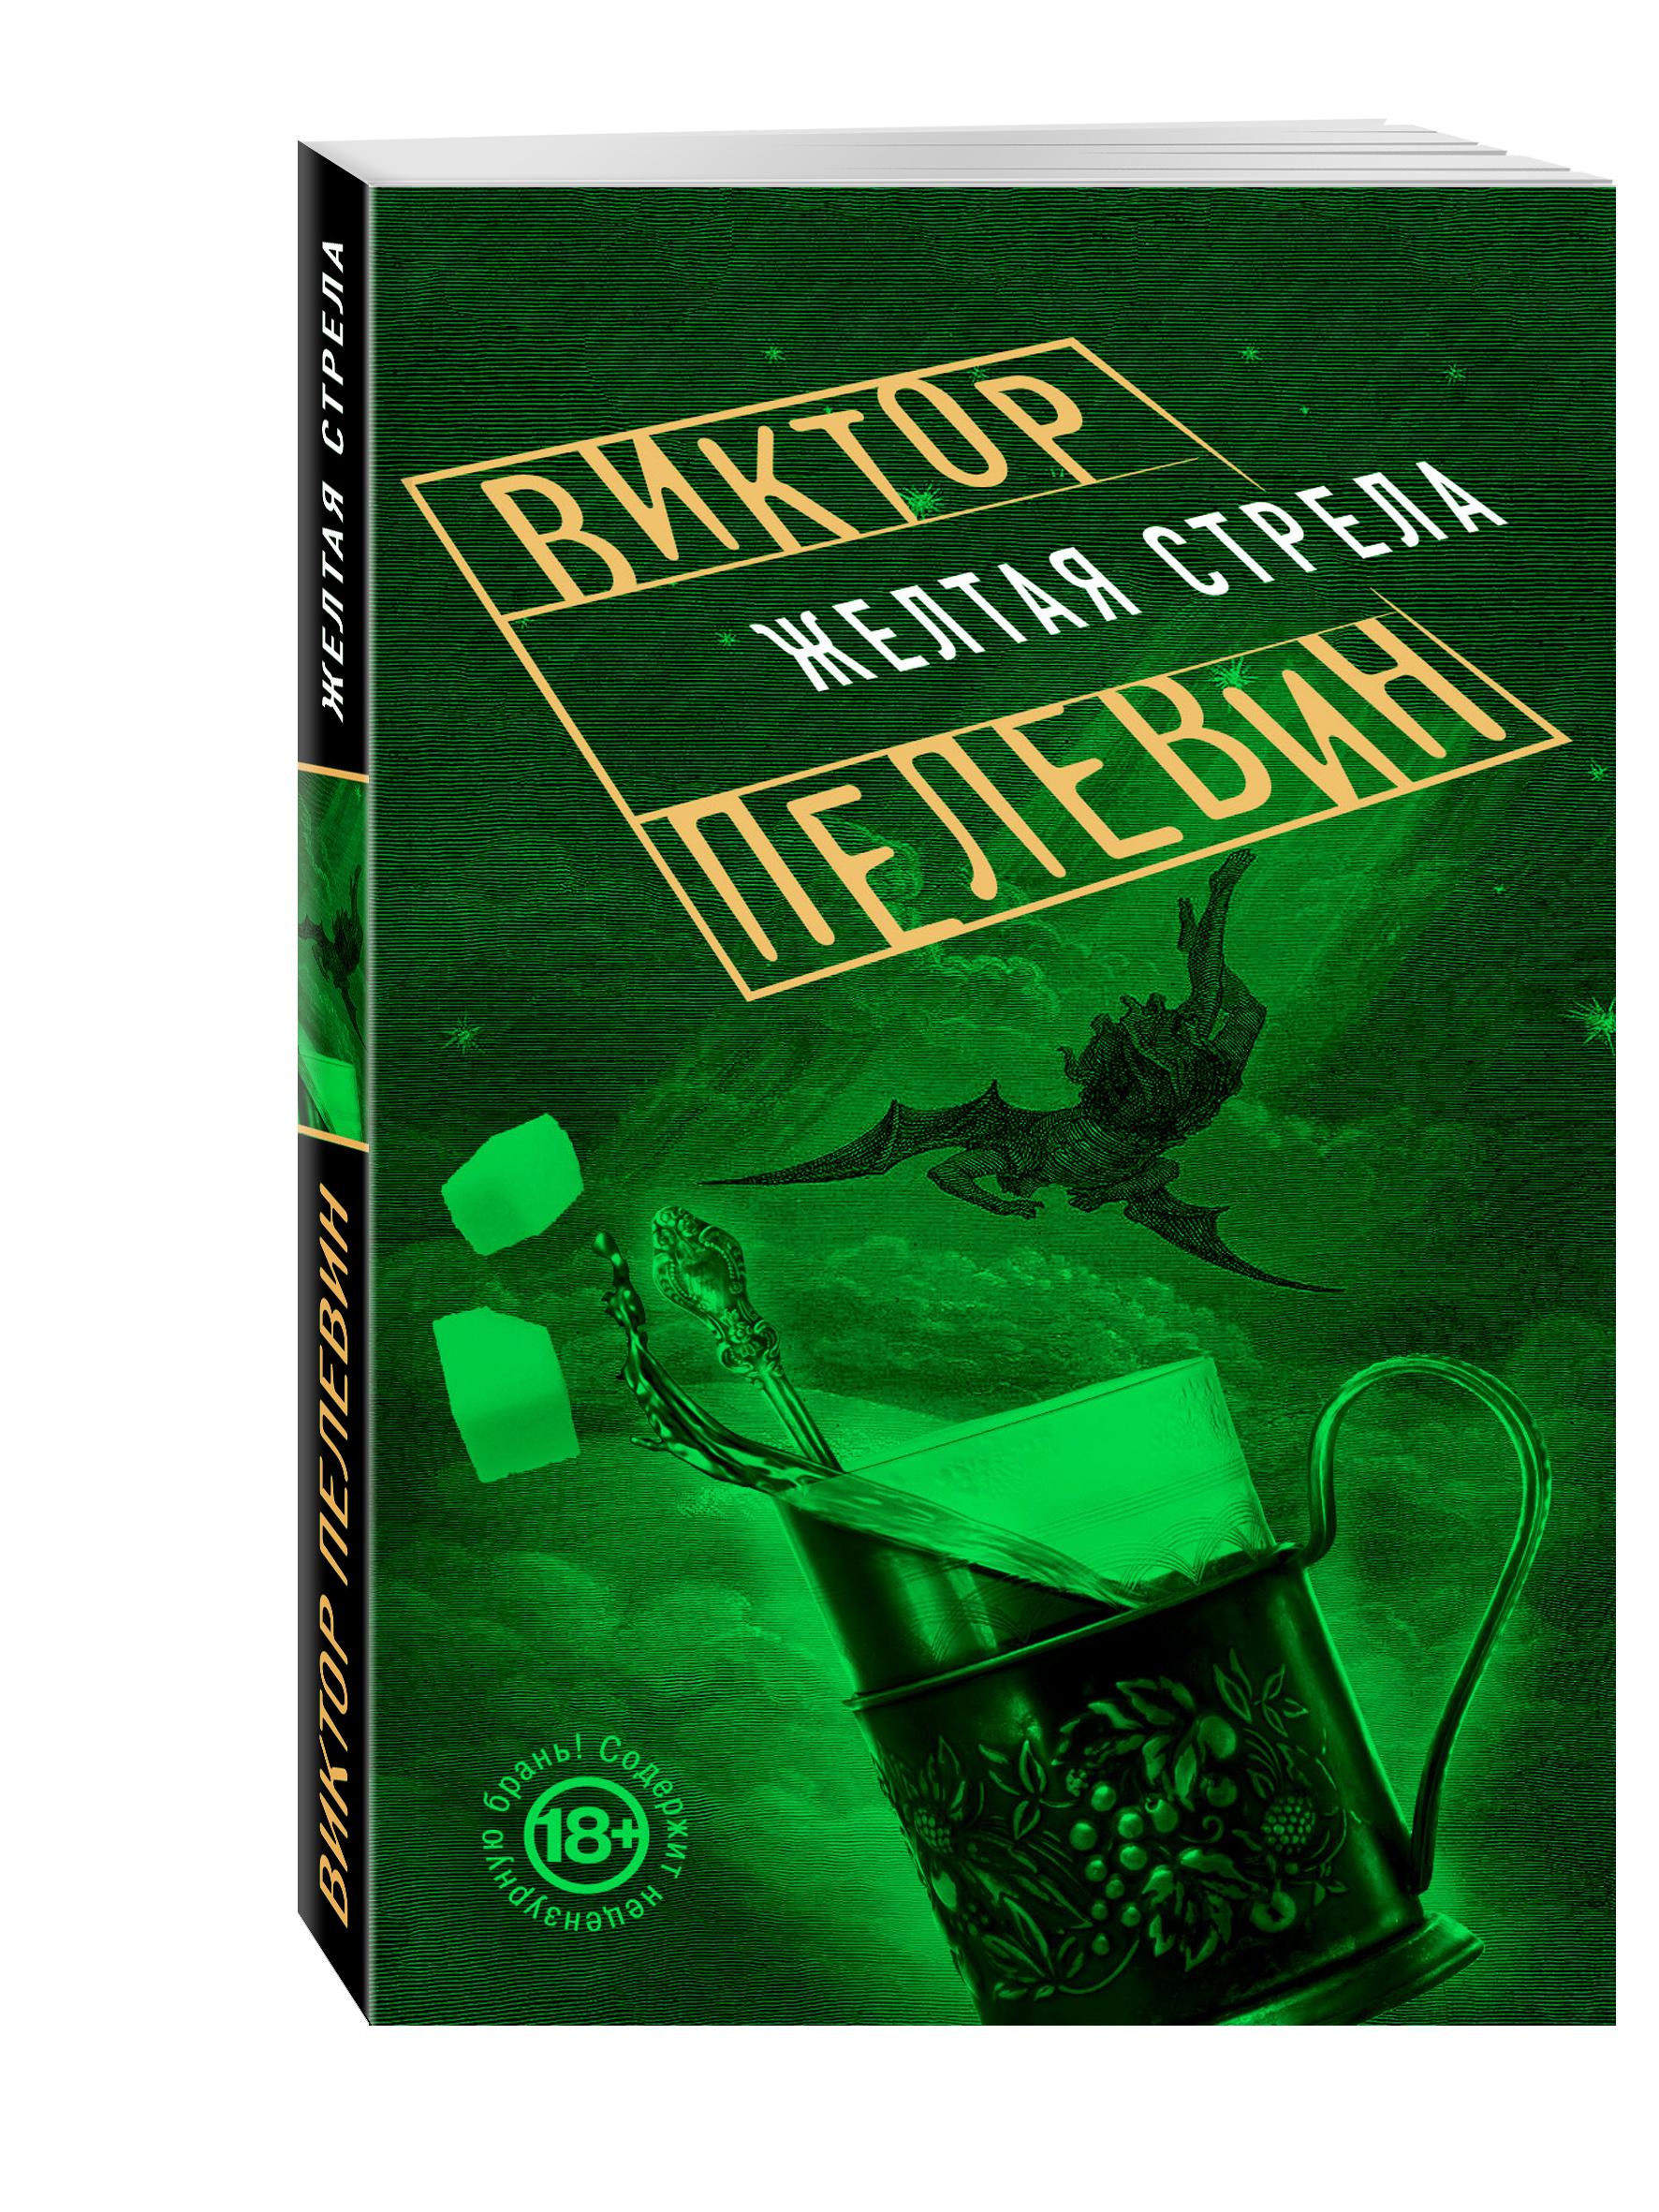 Виктор Пелевин Желтая стрела виктор пелевин желтая стрела и другие повести